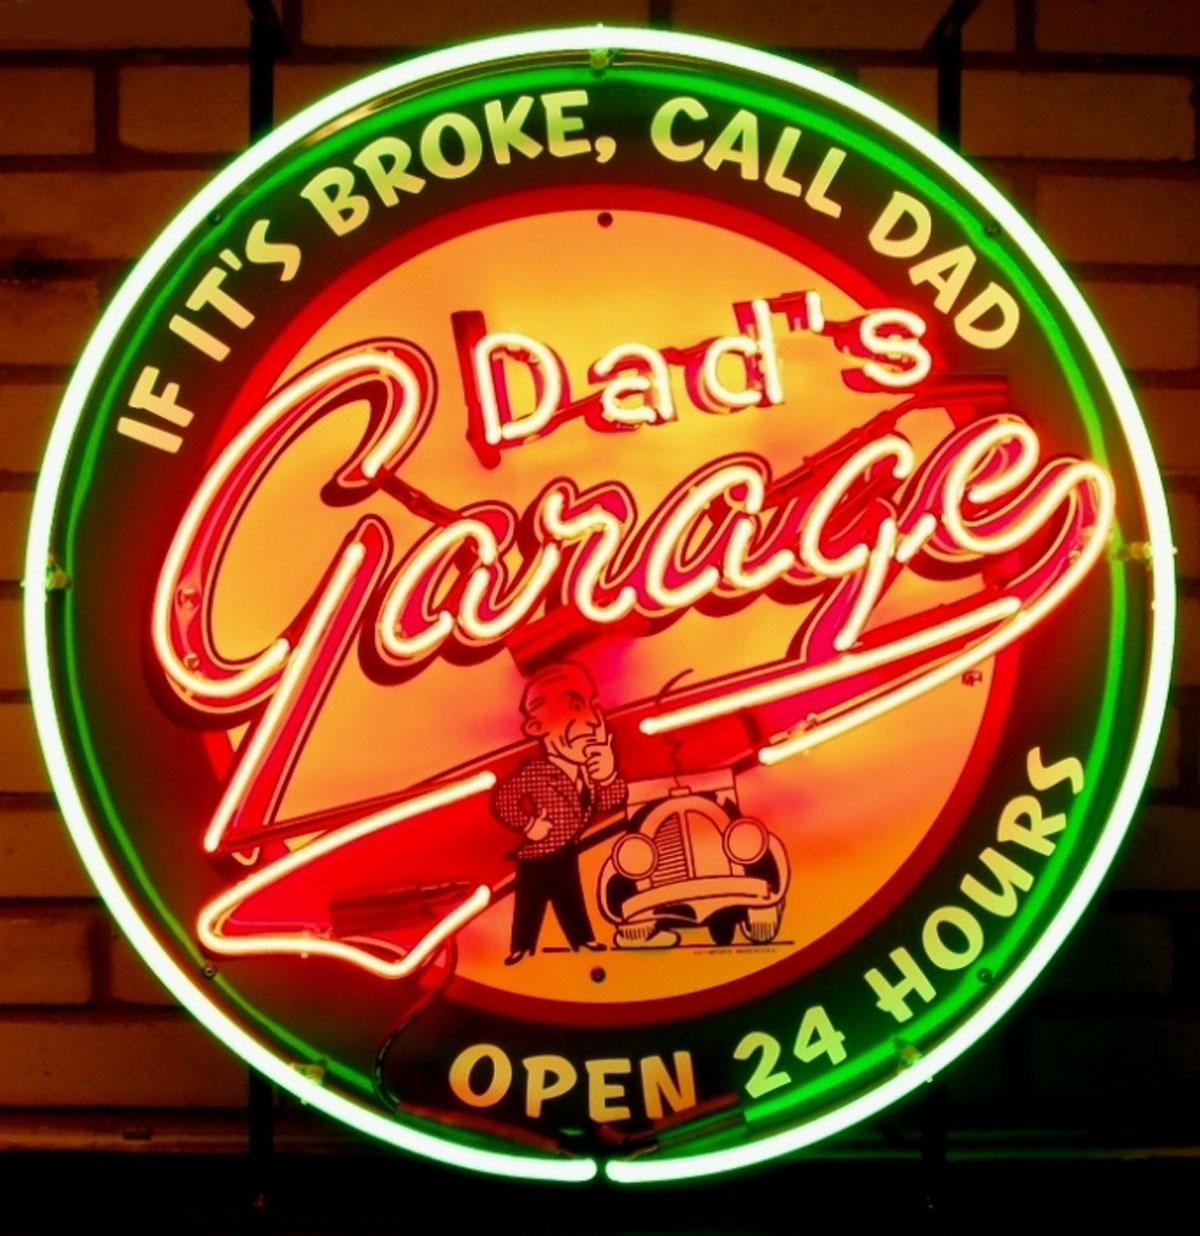 Dad's Garage Open 24 Hours Neon Verlichting Met Achterplaat 65 x 65 cm